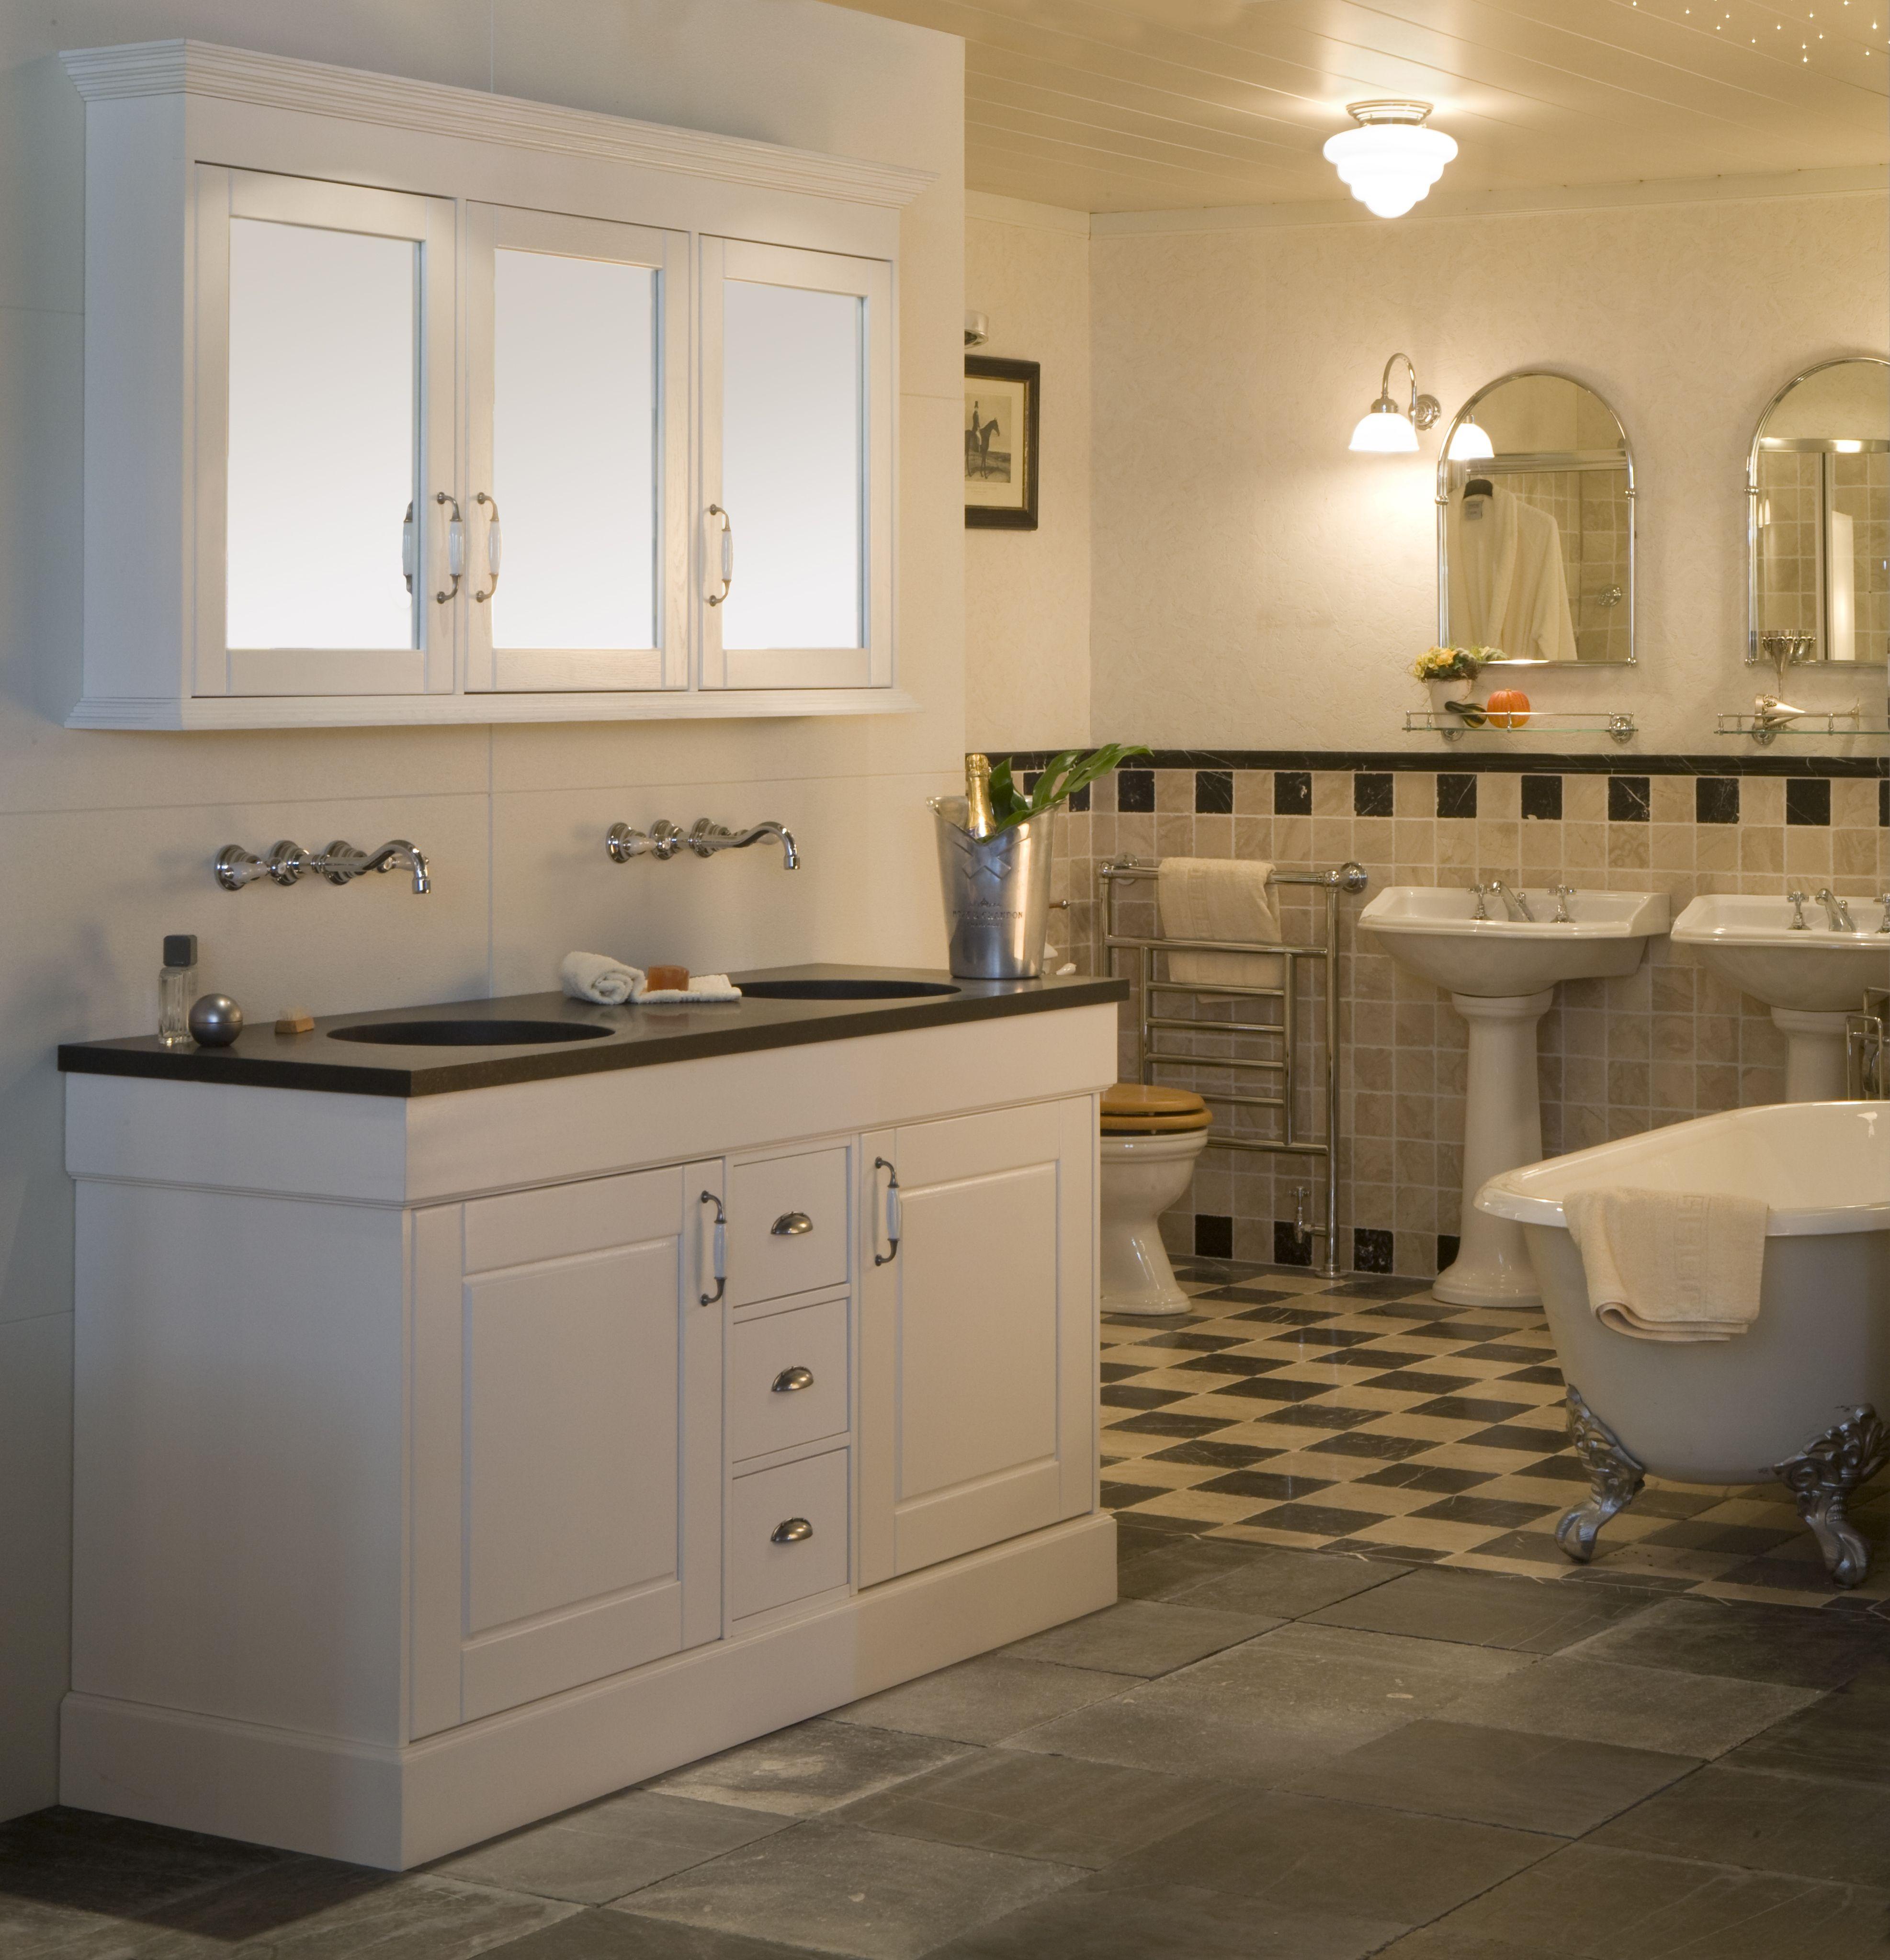 Badkamers bekijk alle badkamers van op pinterest badkamers pinterest - Badkamers bassin italiaanse design ...